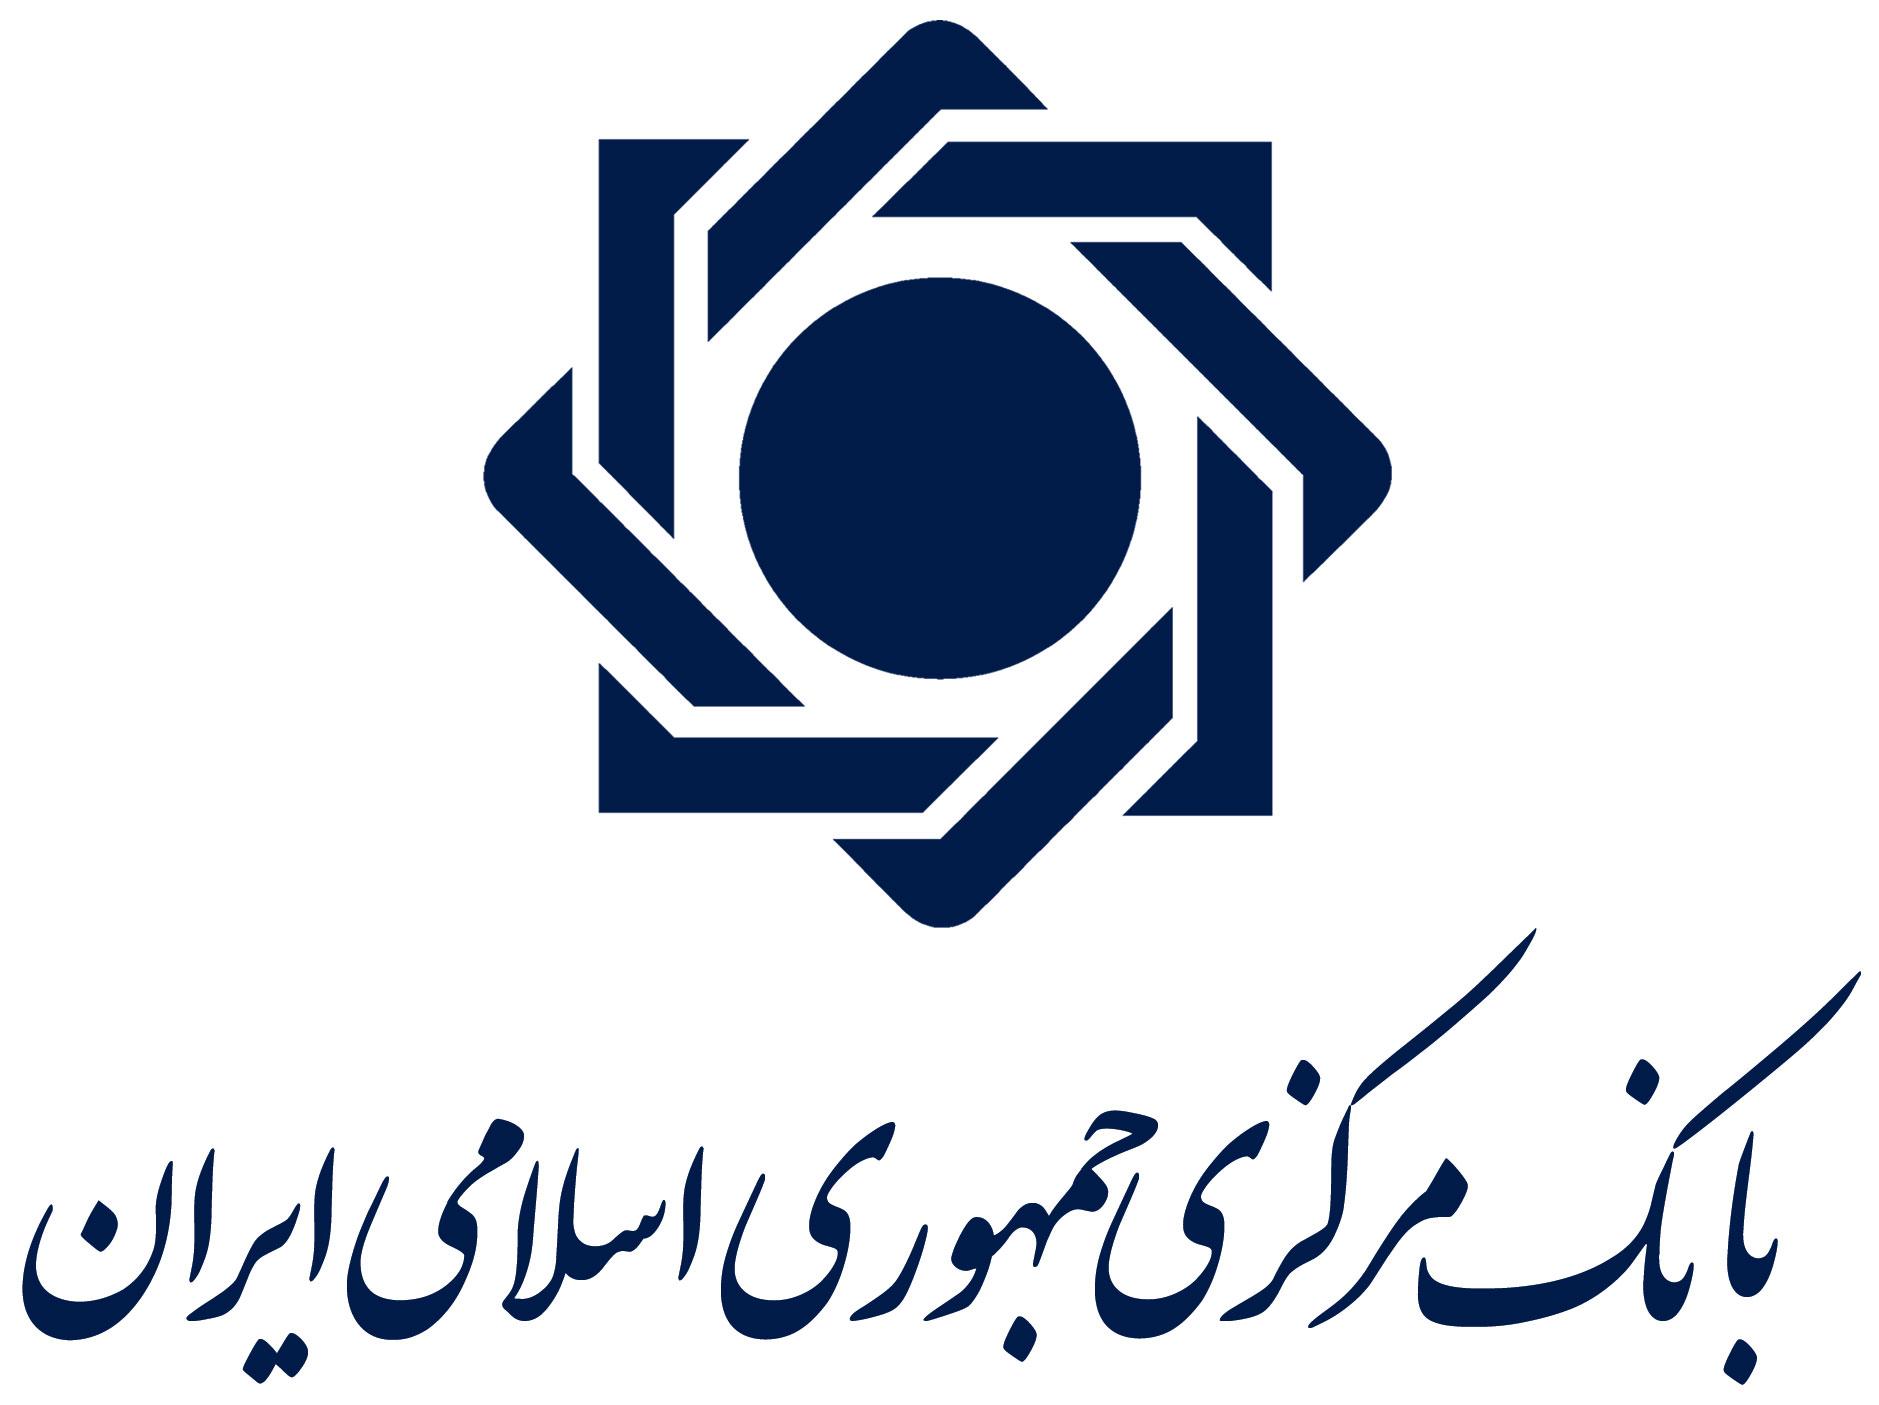 شرکت های لیزینگ خودرو مجاز بانک مرکزی - دی 96 / لیزینگ سپهر پارس و لیزینگ ایران لغو مجوز شدند